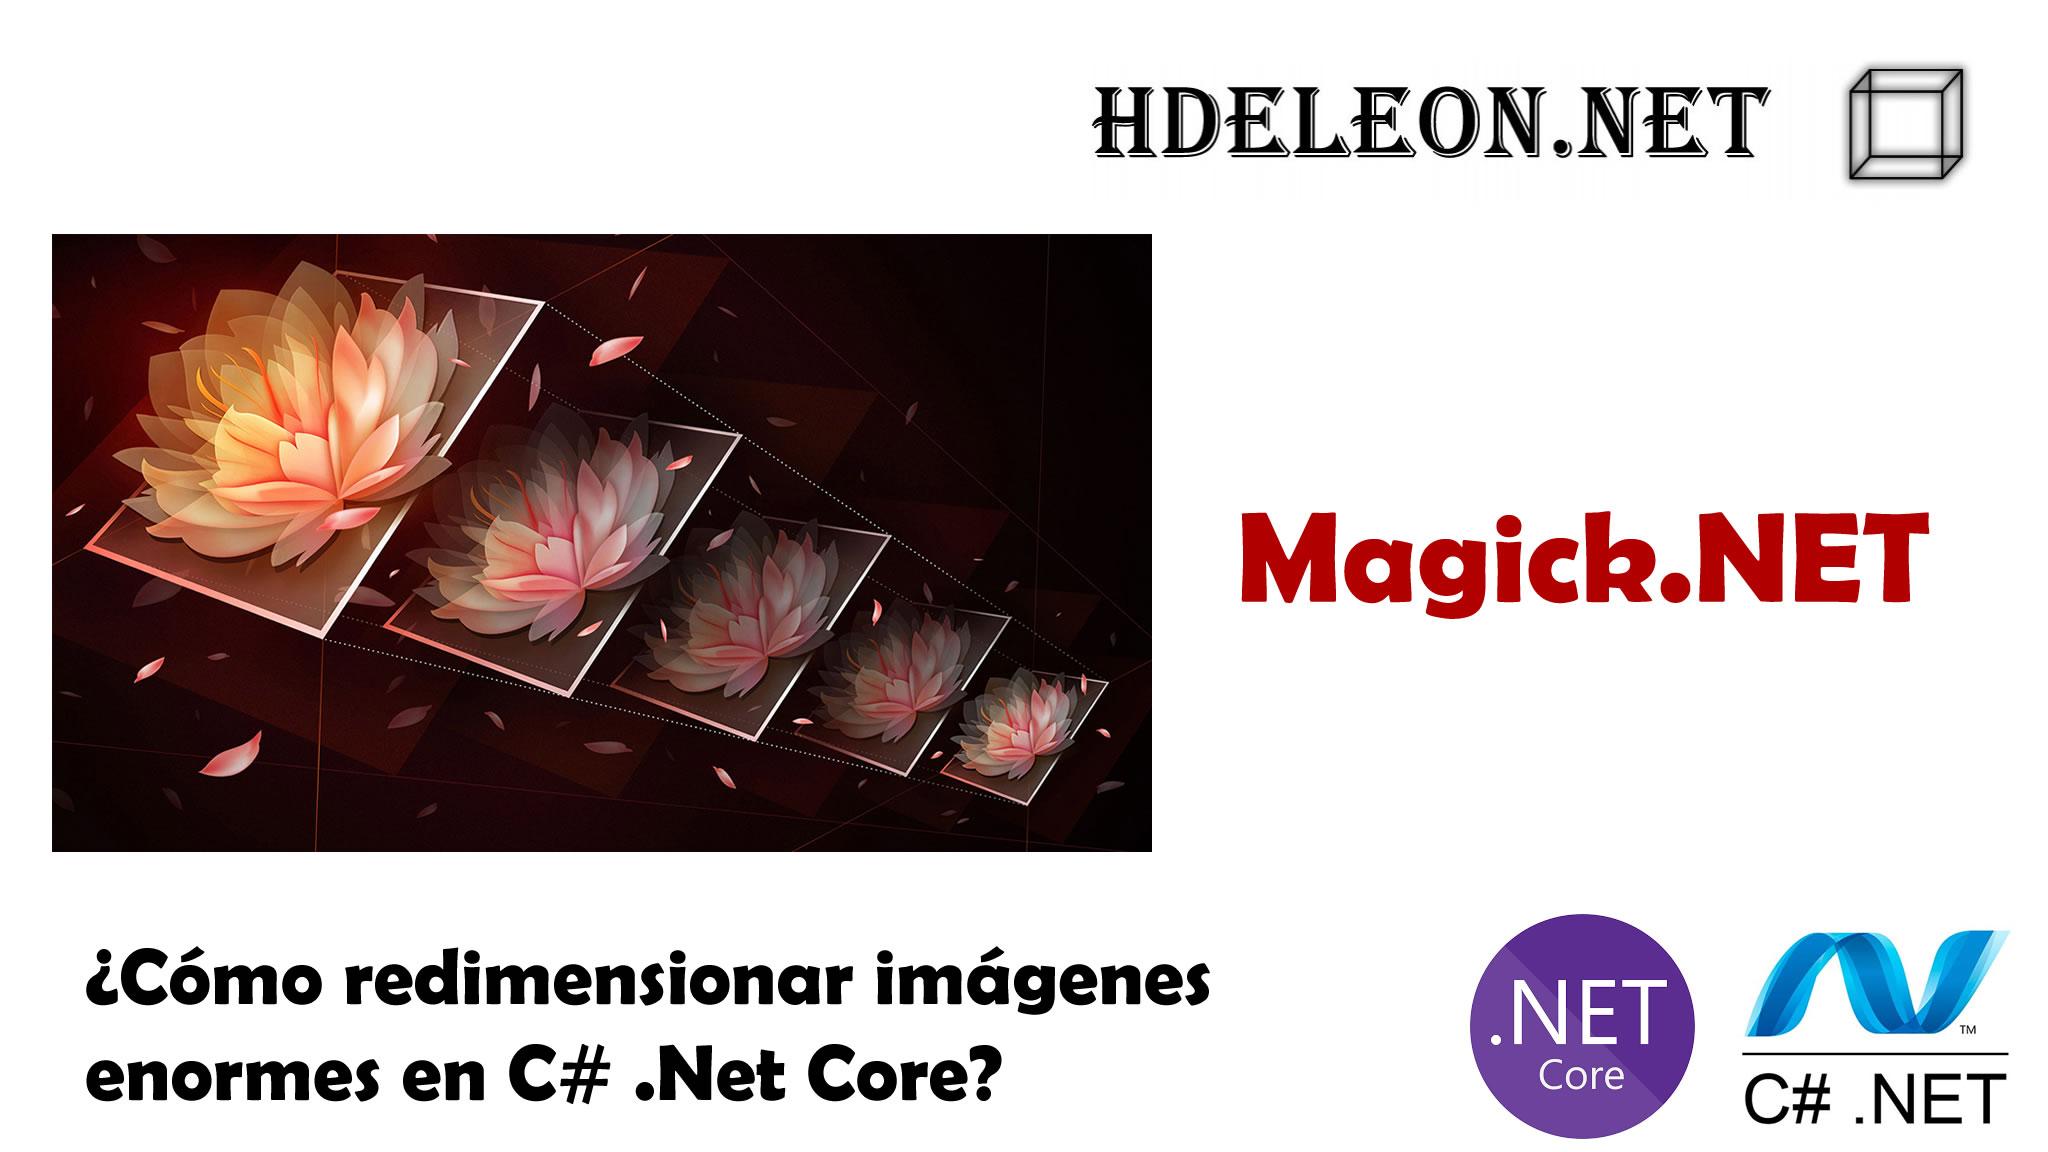 ¿Cómo redimensionar imágenes enormes en C# .Net Core?, Magick.Net